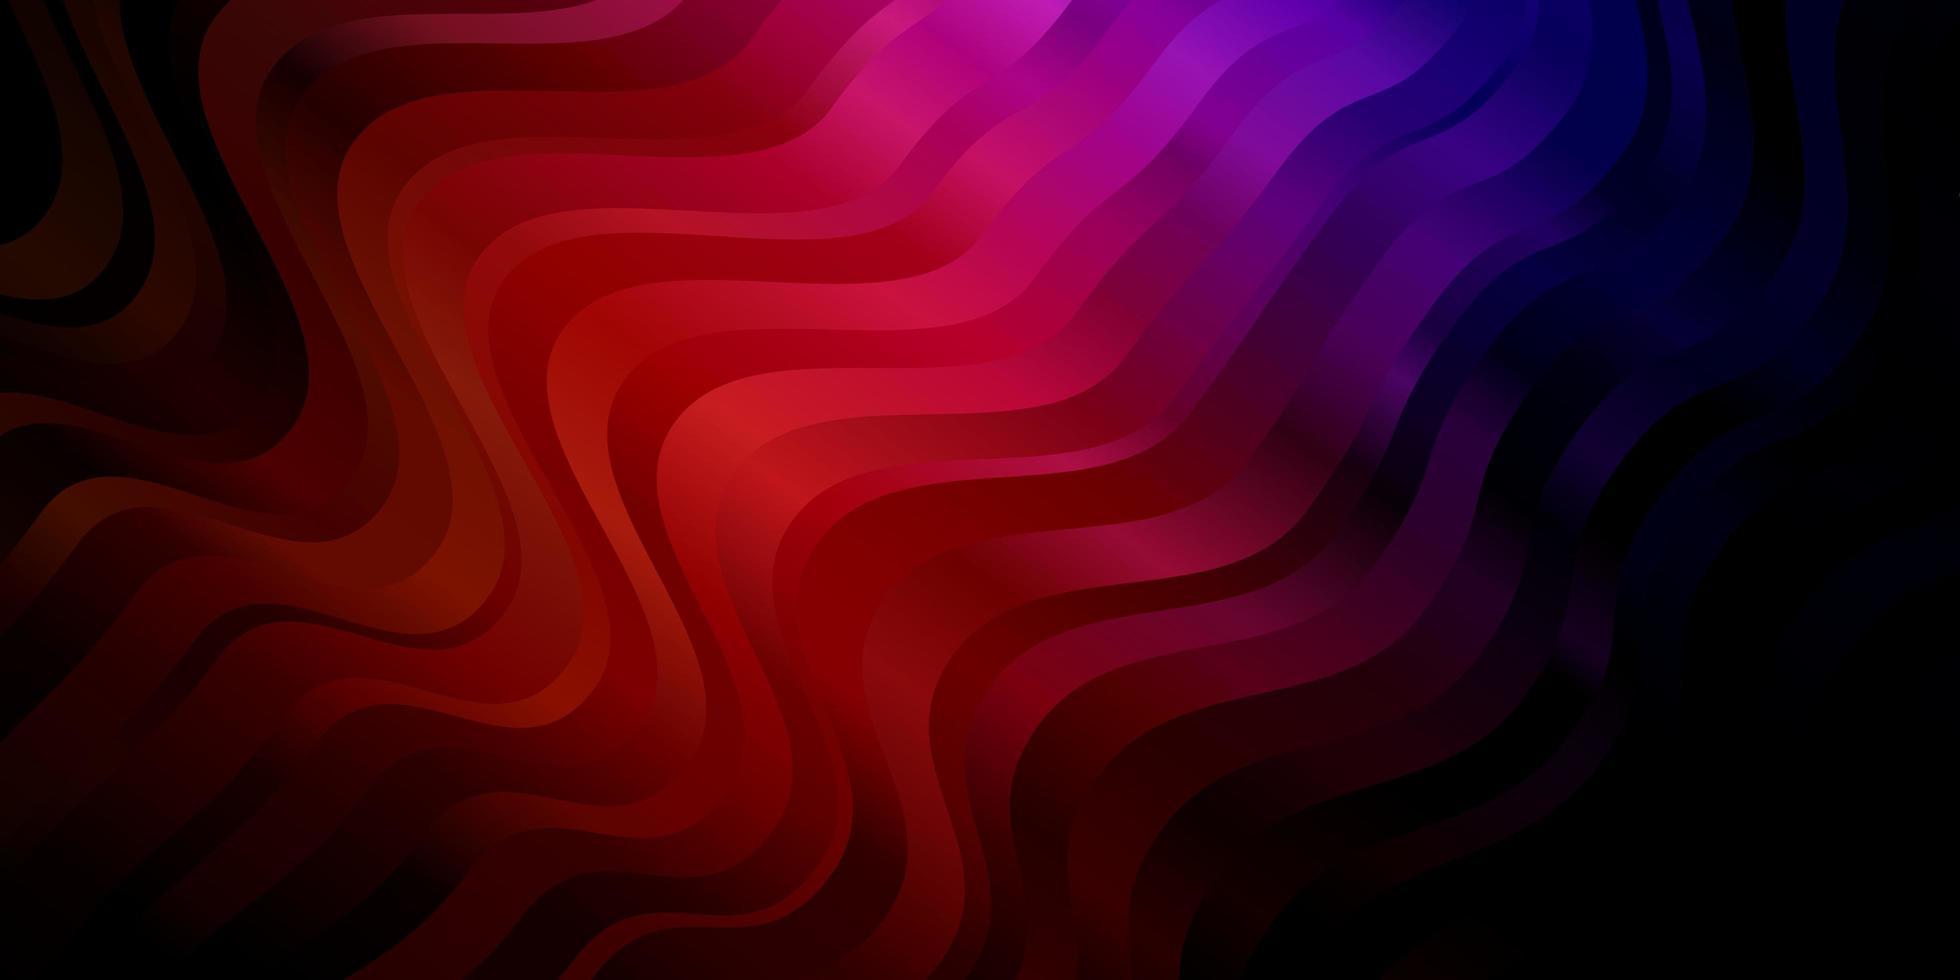 dunkelrosa, rote Vektorbeschaffenheit mit Kreisbogen. vektor